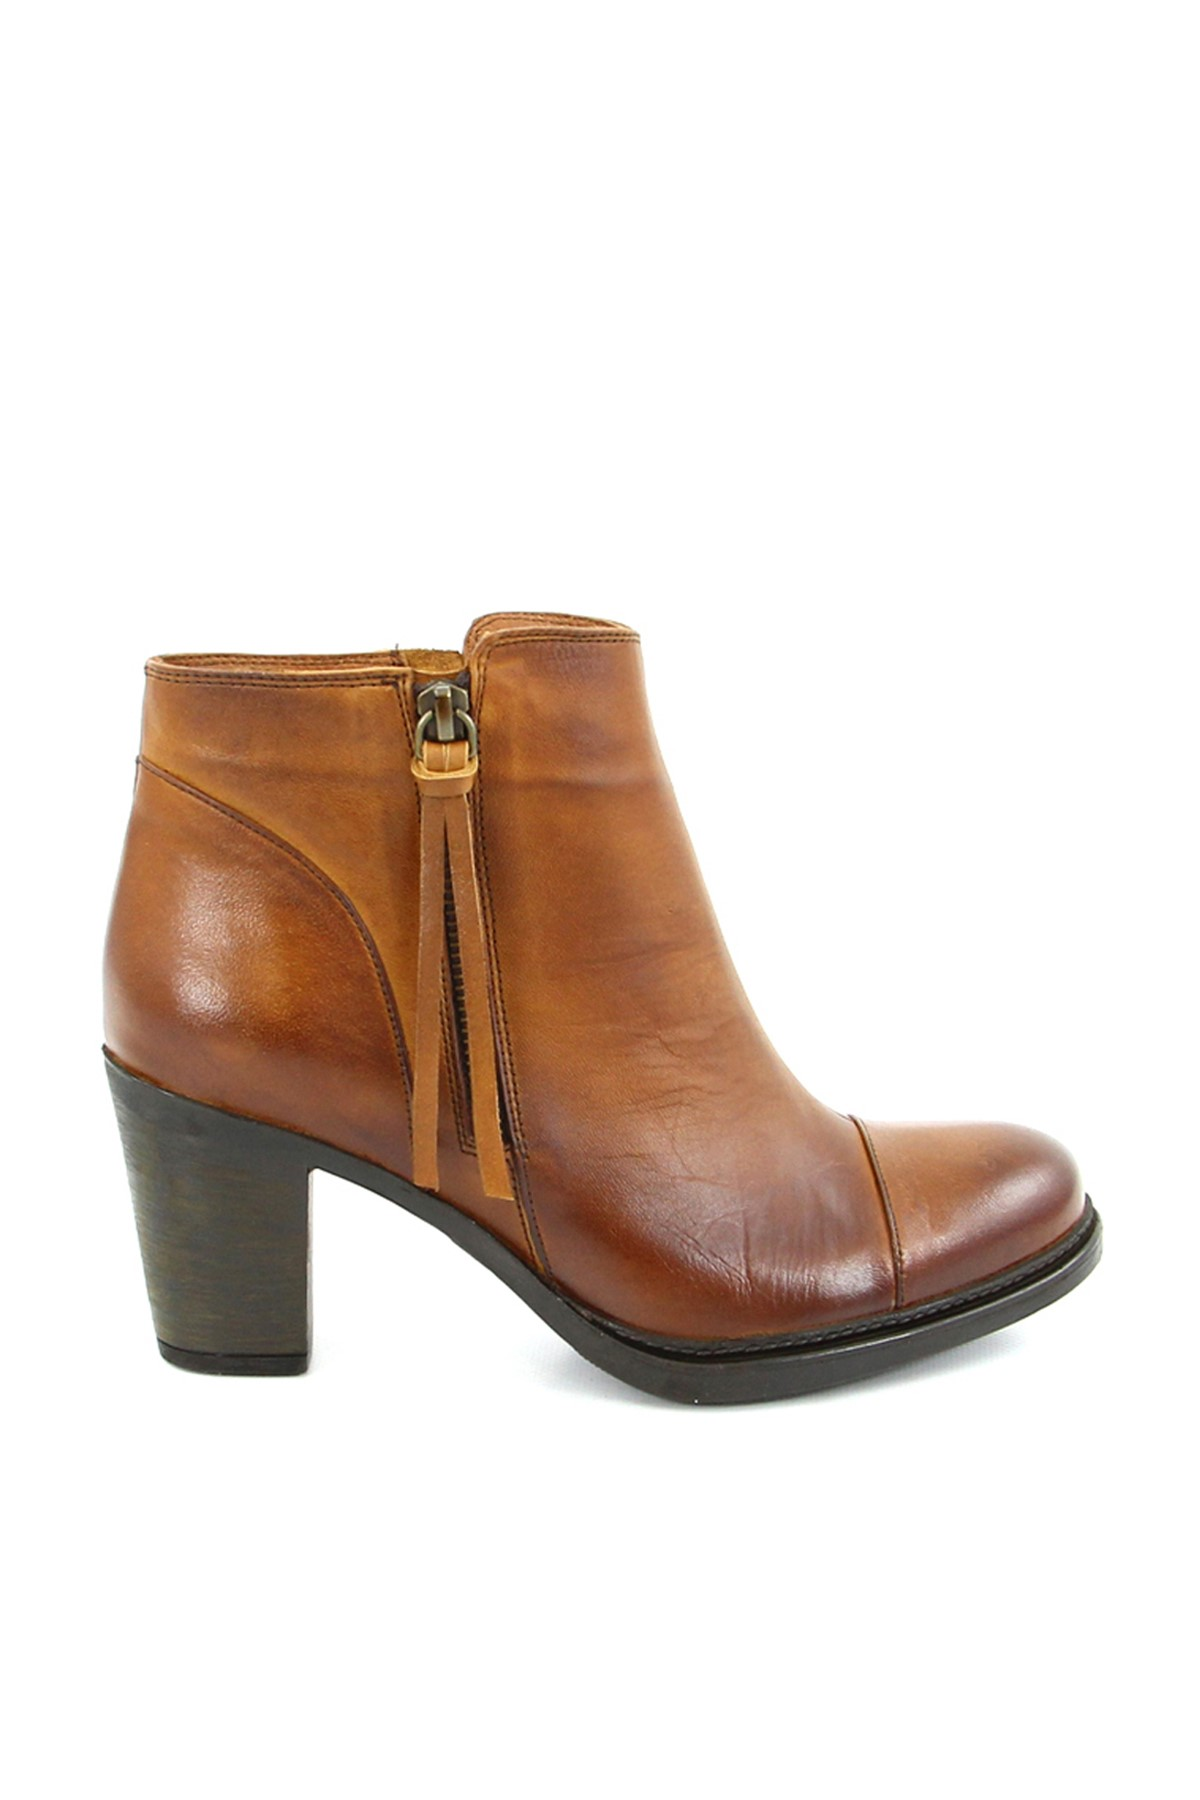 Deri Taba GÖN Ayakkabı Modelleri